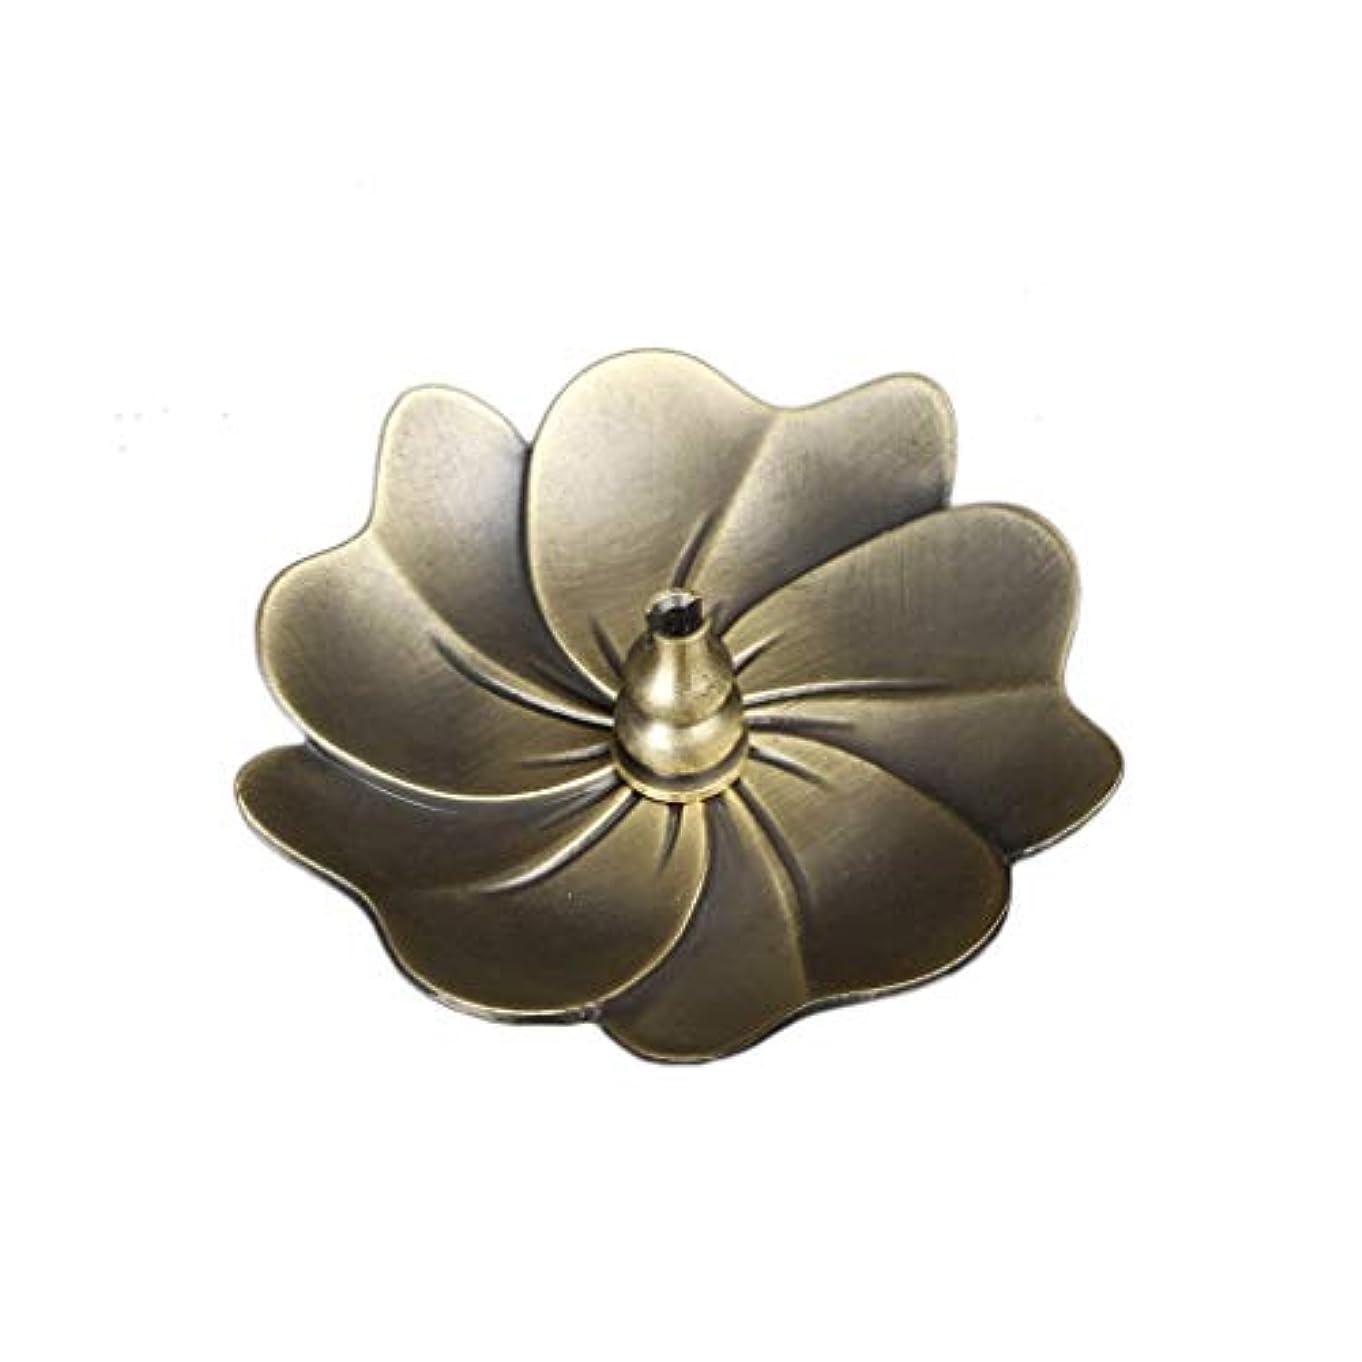 アンビエント特別な偉業蓮の香バーナーヴィンテージブロンズ香スティックコイルホルダーアッシュキャッチャートレイプレートホーム仏教の装飾誕生日香ホルダー (Color : C)